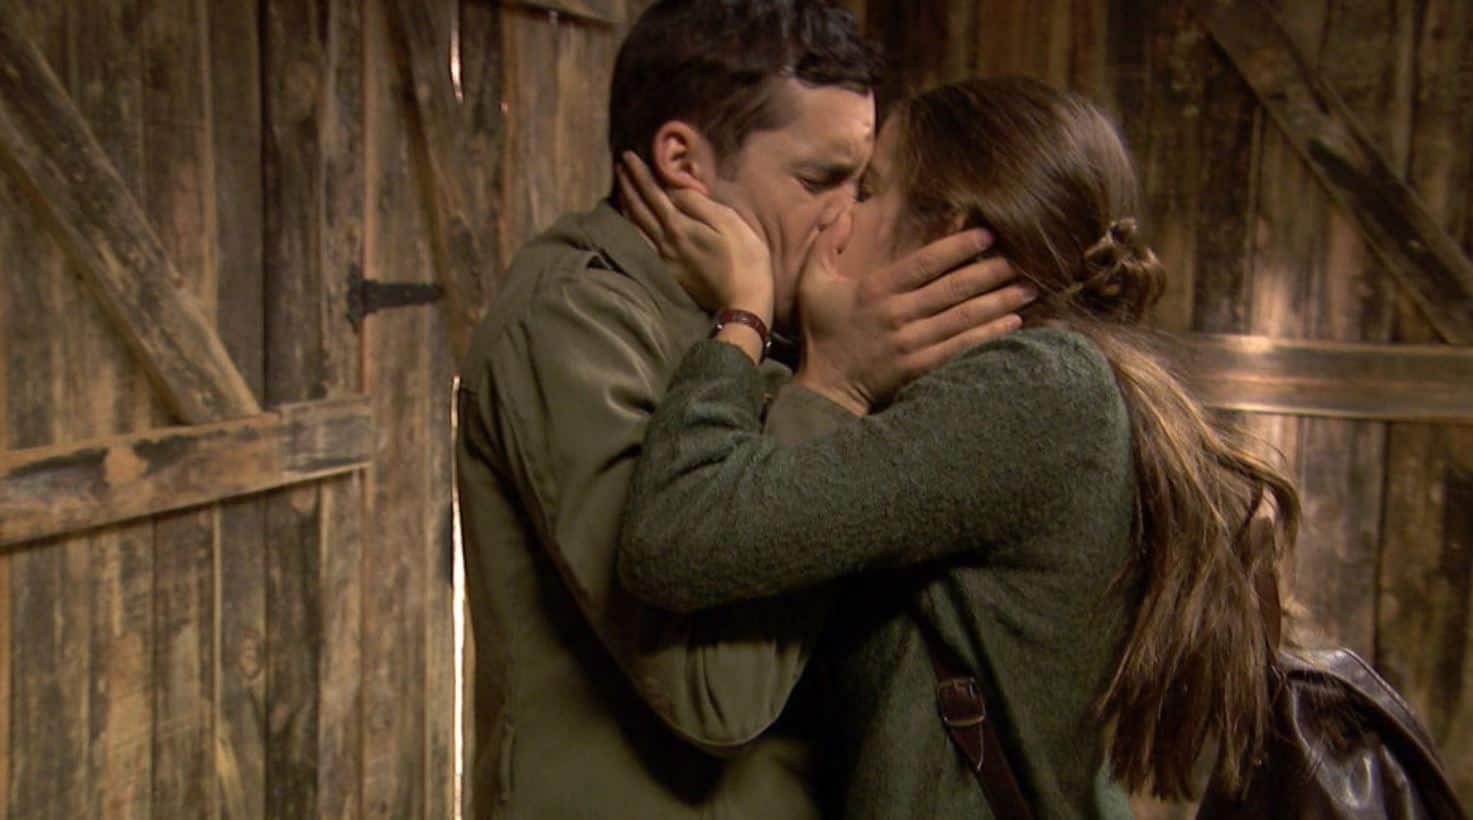 Il segreto anticipazioni: Carolina e Pablo scapperanno insieme?